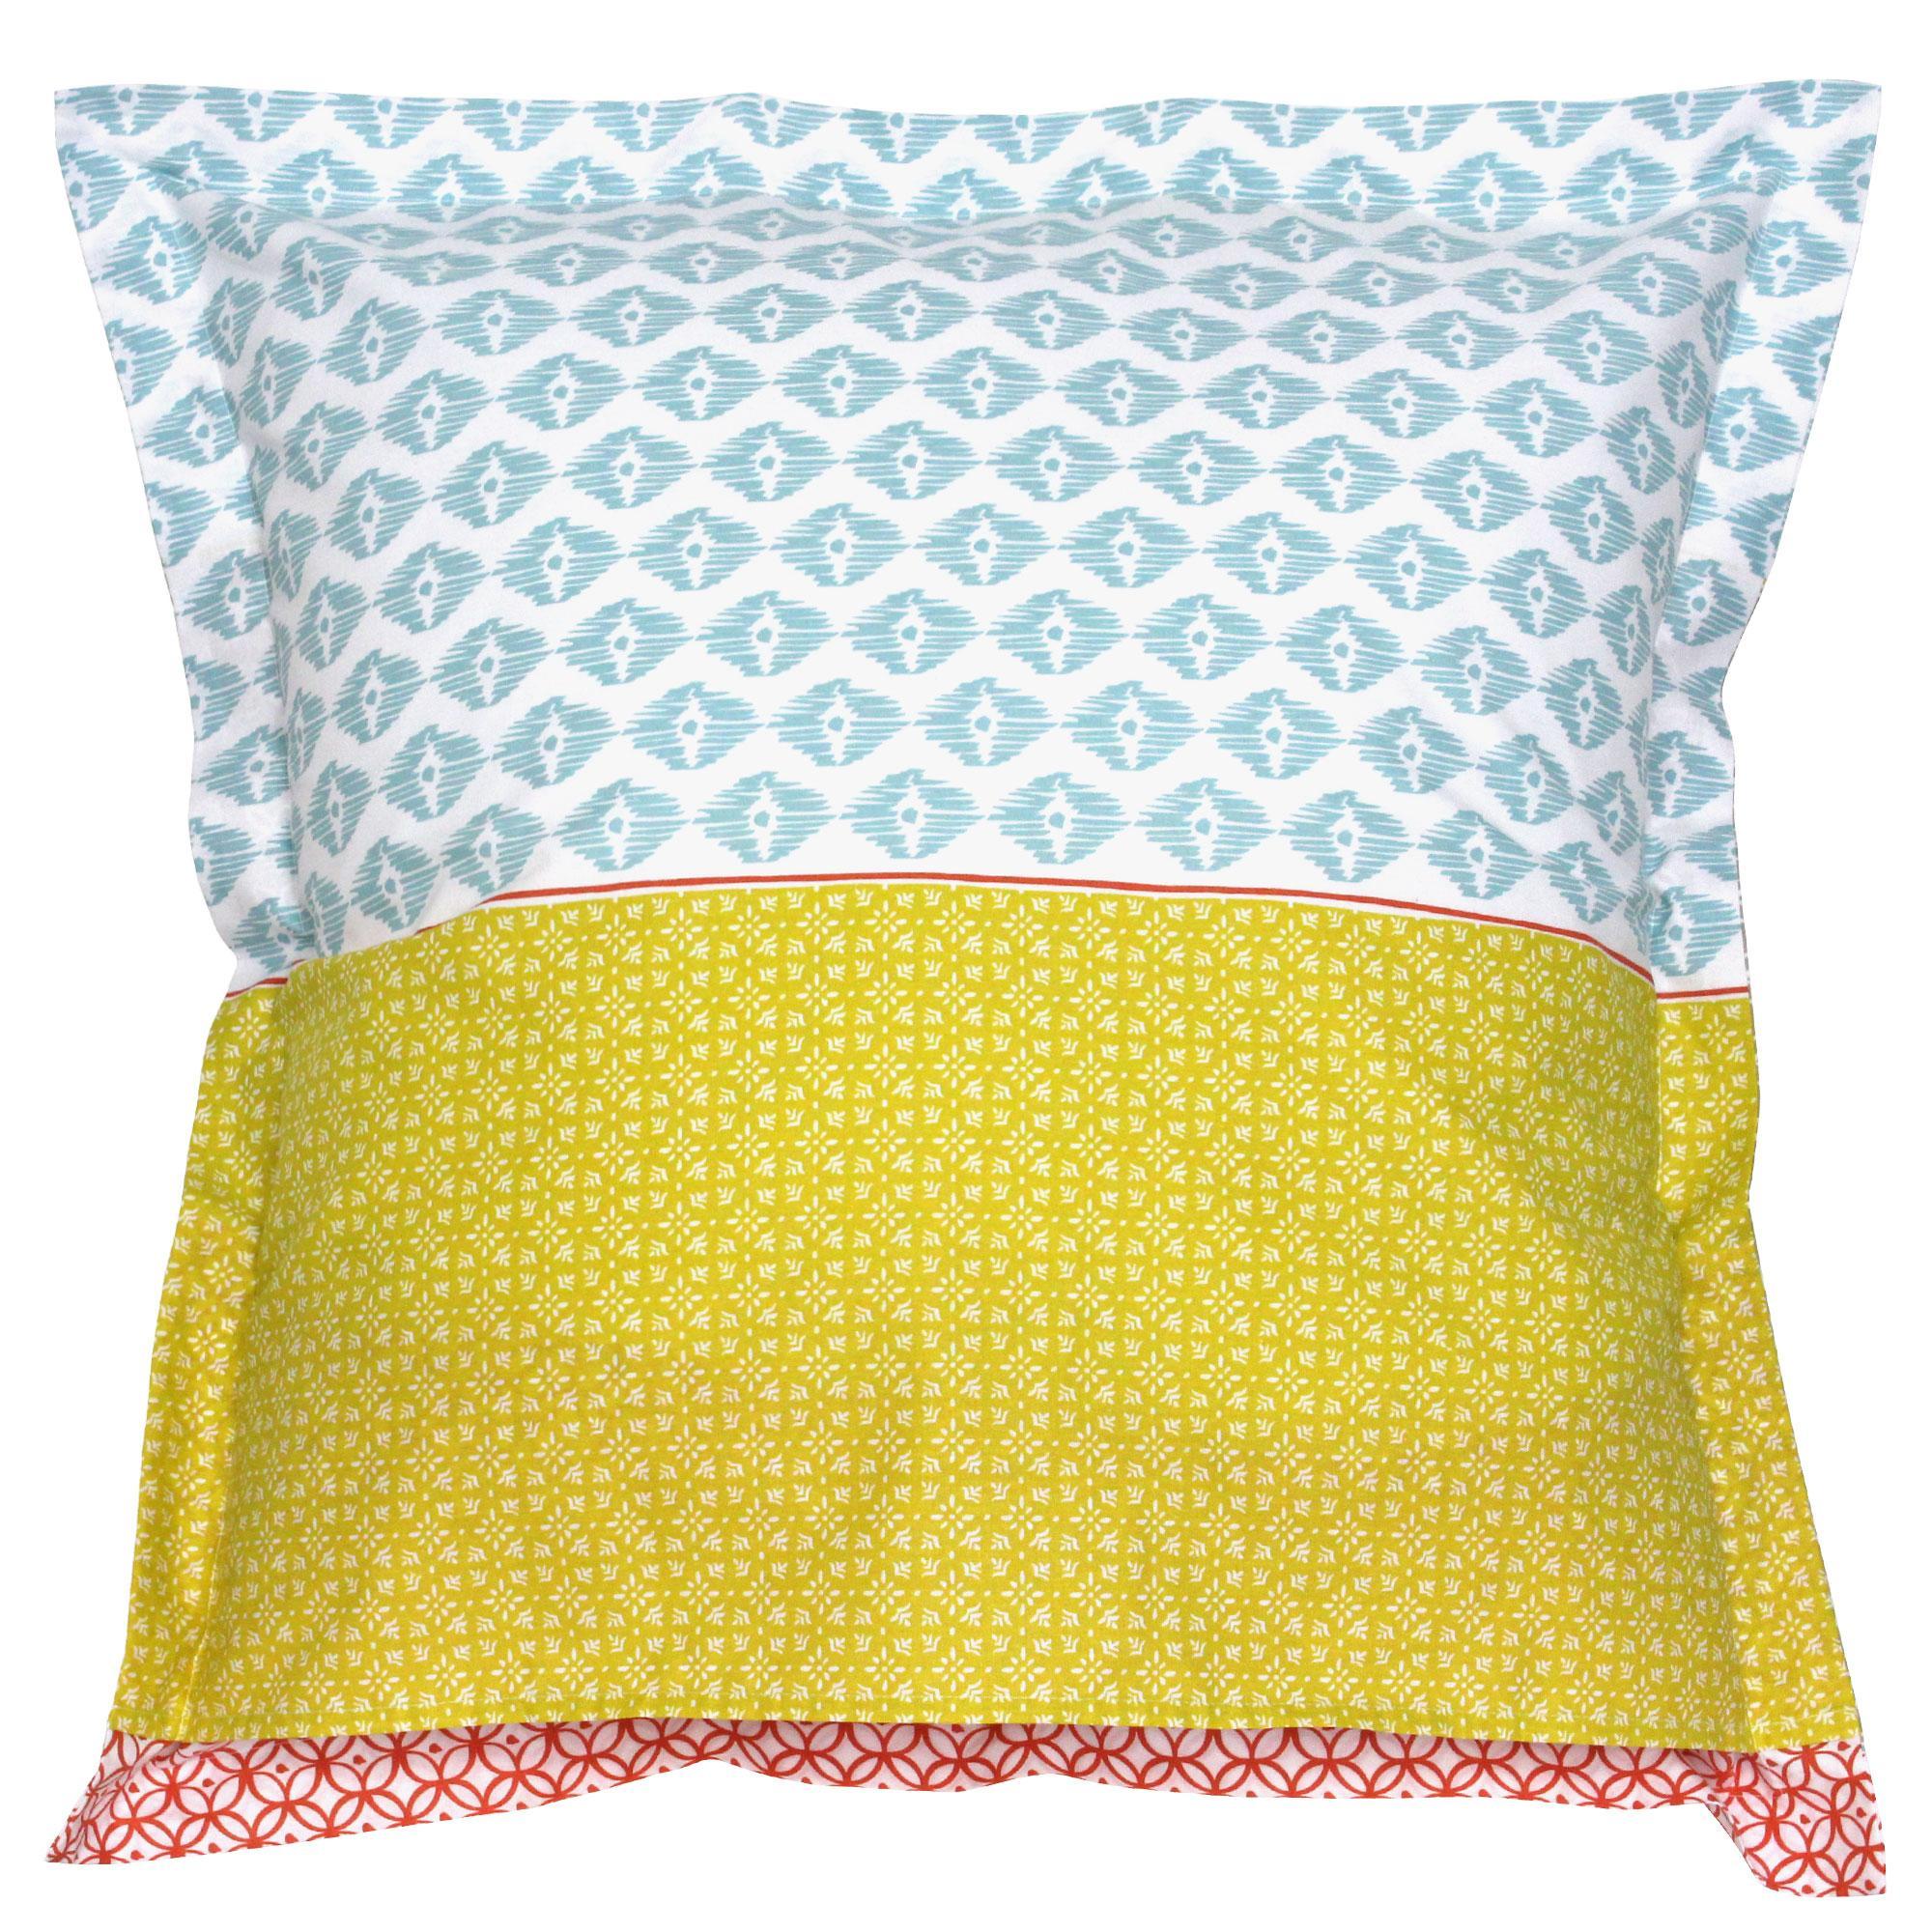 taie d 39 oreiller 65x65 cm 100 coton rio multicolore linnea linge de maison et. Black Bedroom Furniture Sets. Home Design Ideas